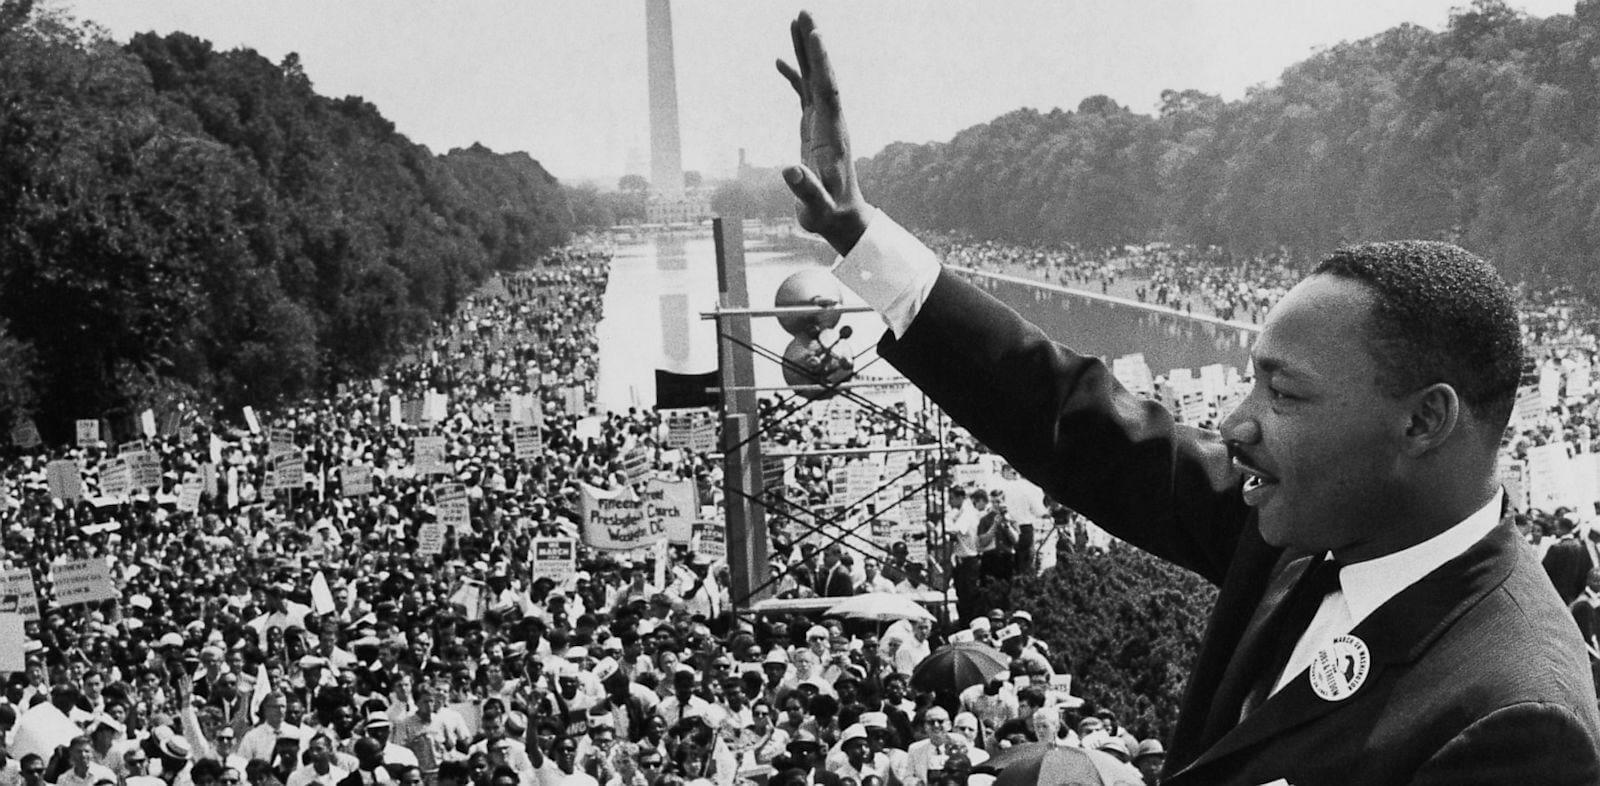 Quel che resta del sogno di Martin Luther King, cinquant'anni dopo il suo assassinio